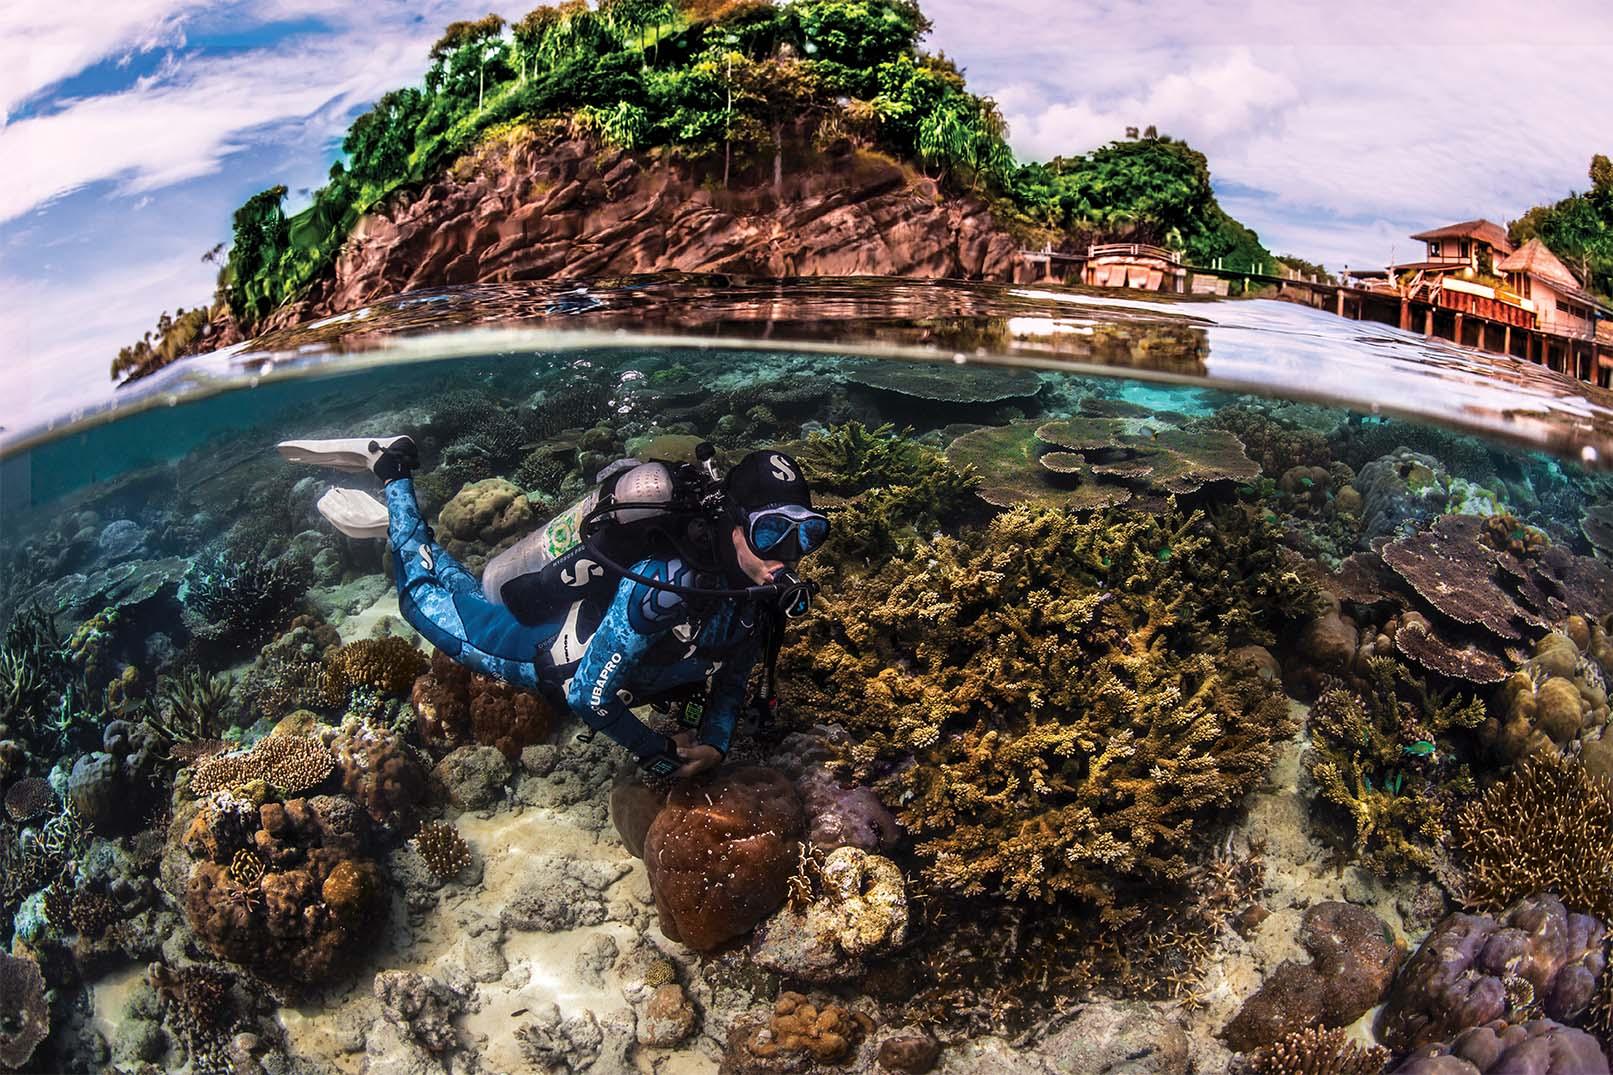 scubaboard tauchen, foto: scubapro